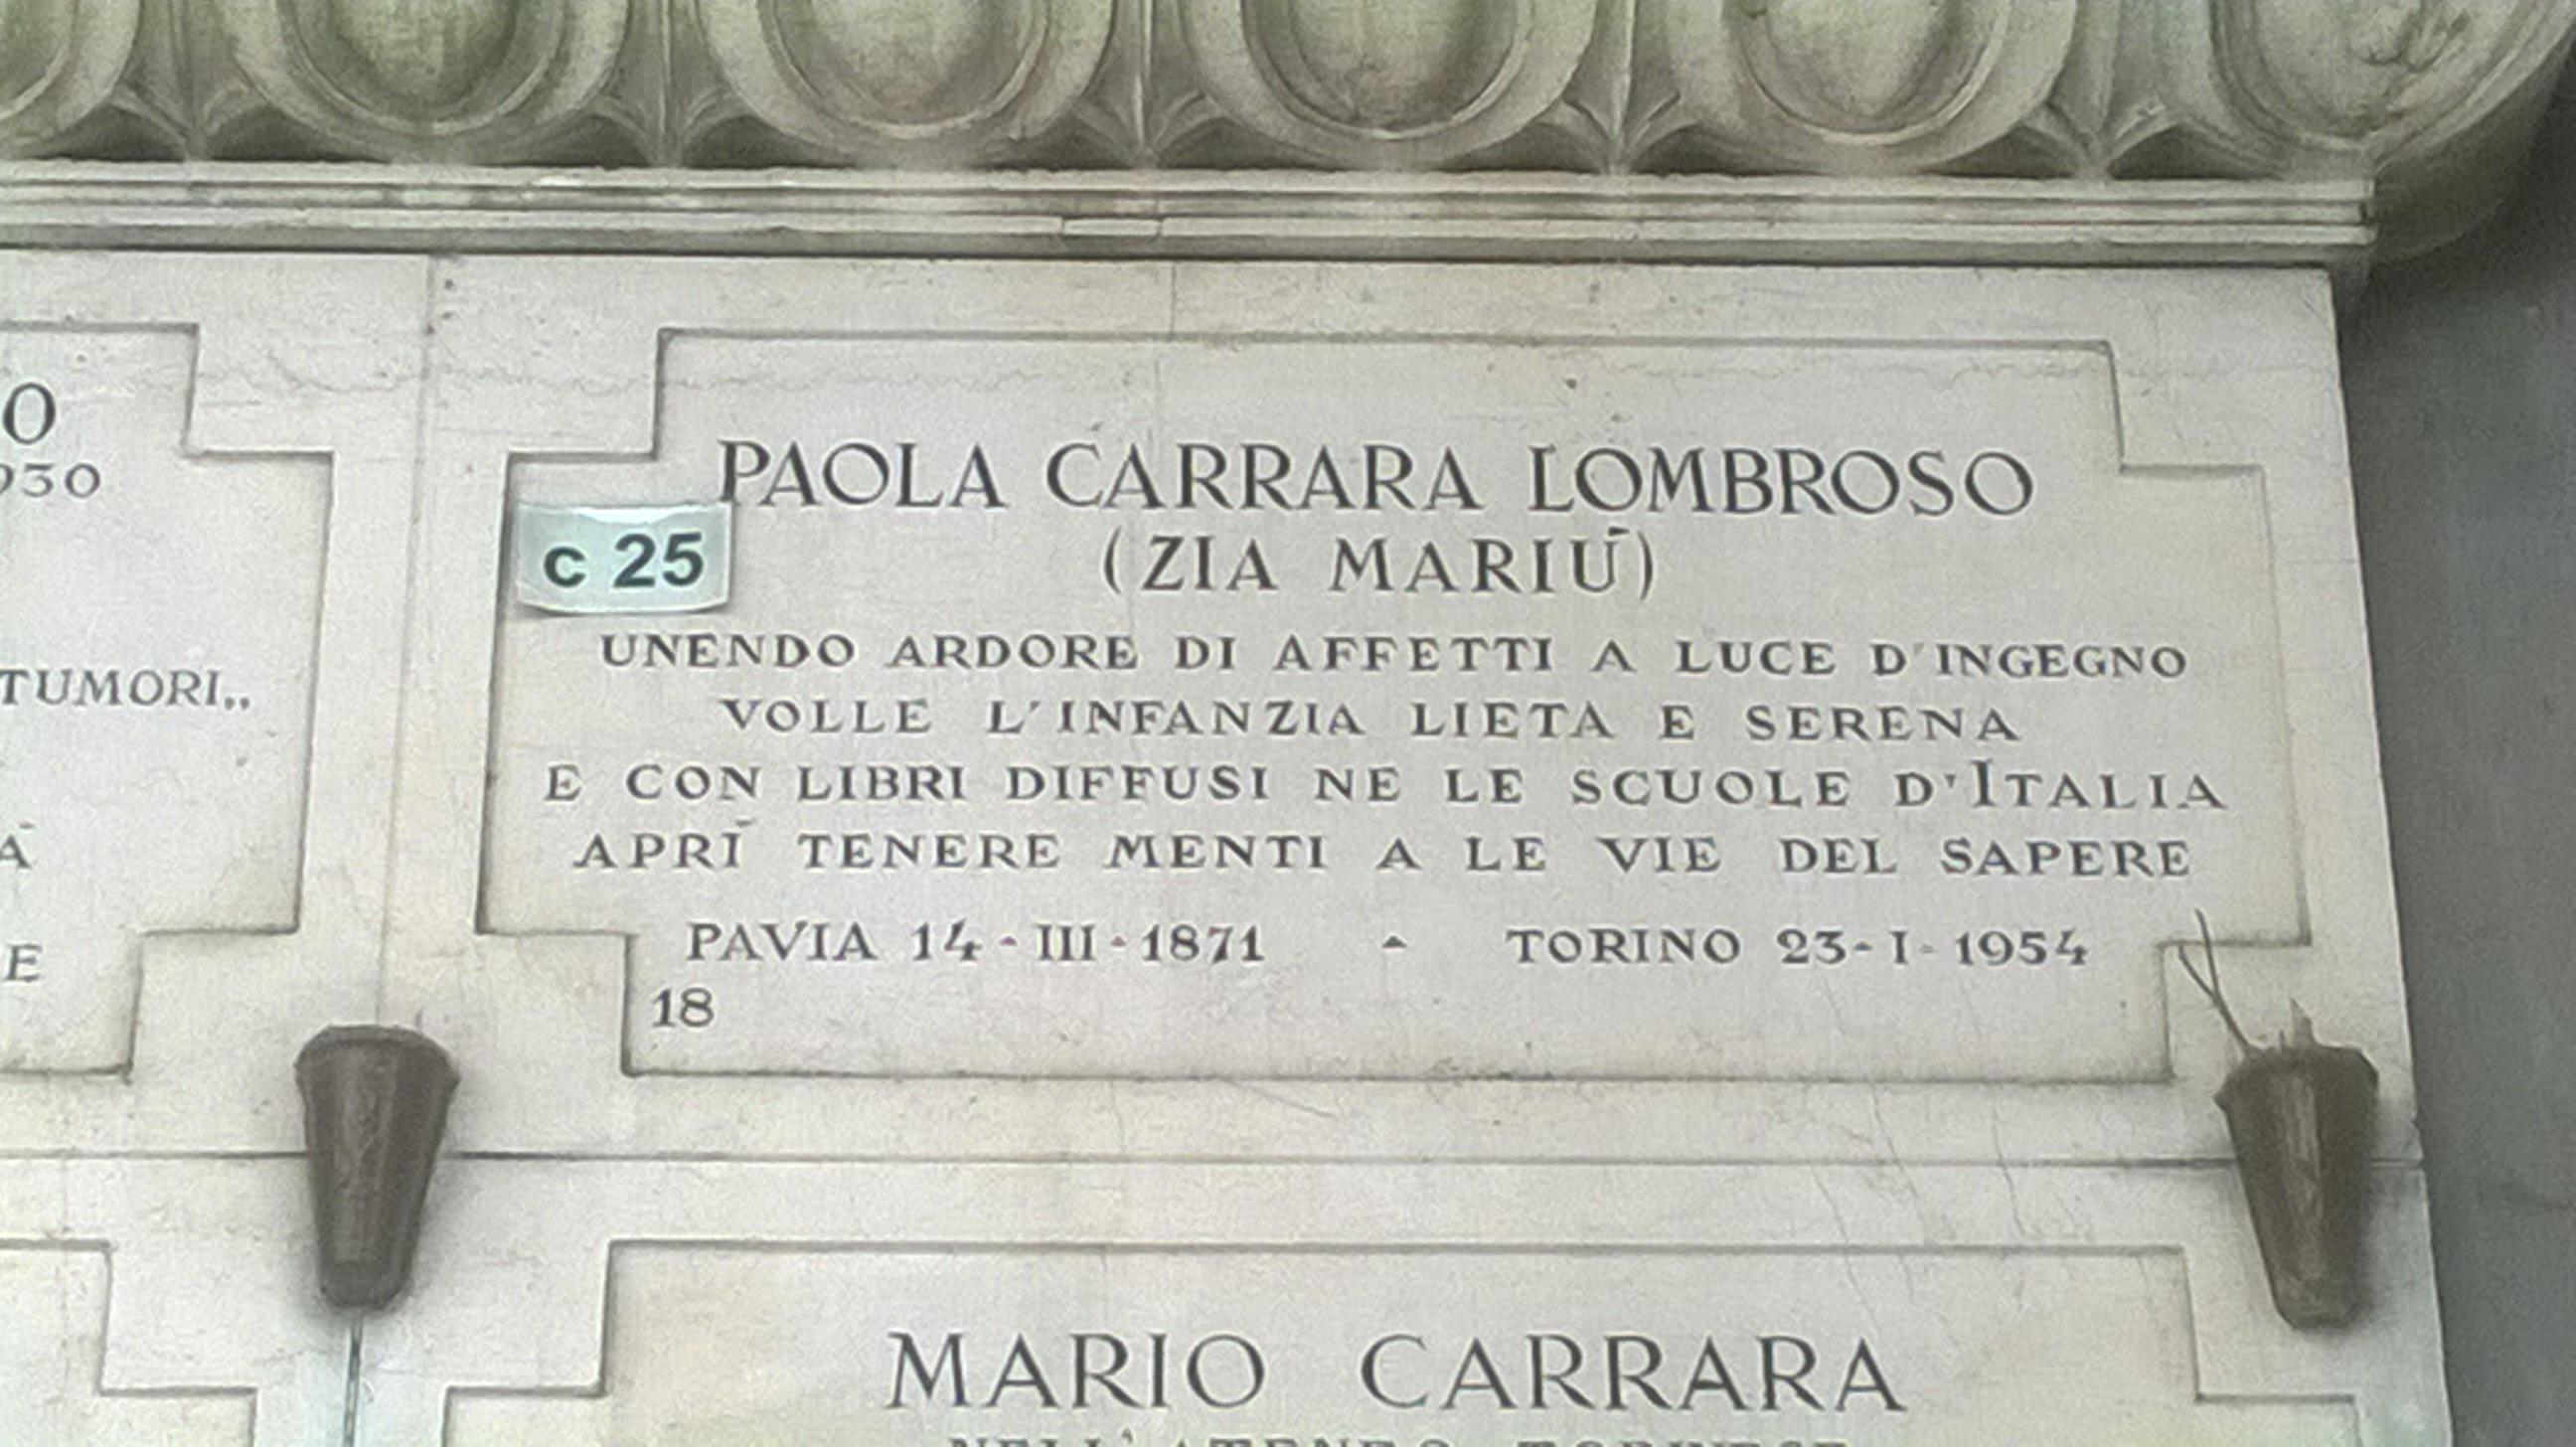 Corriere dei Piccoli - Lapide ed epitafio di Paola Lombroso